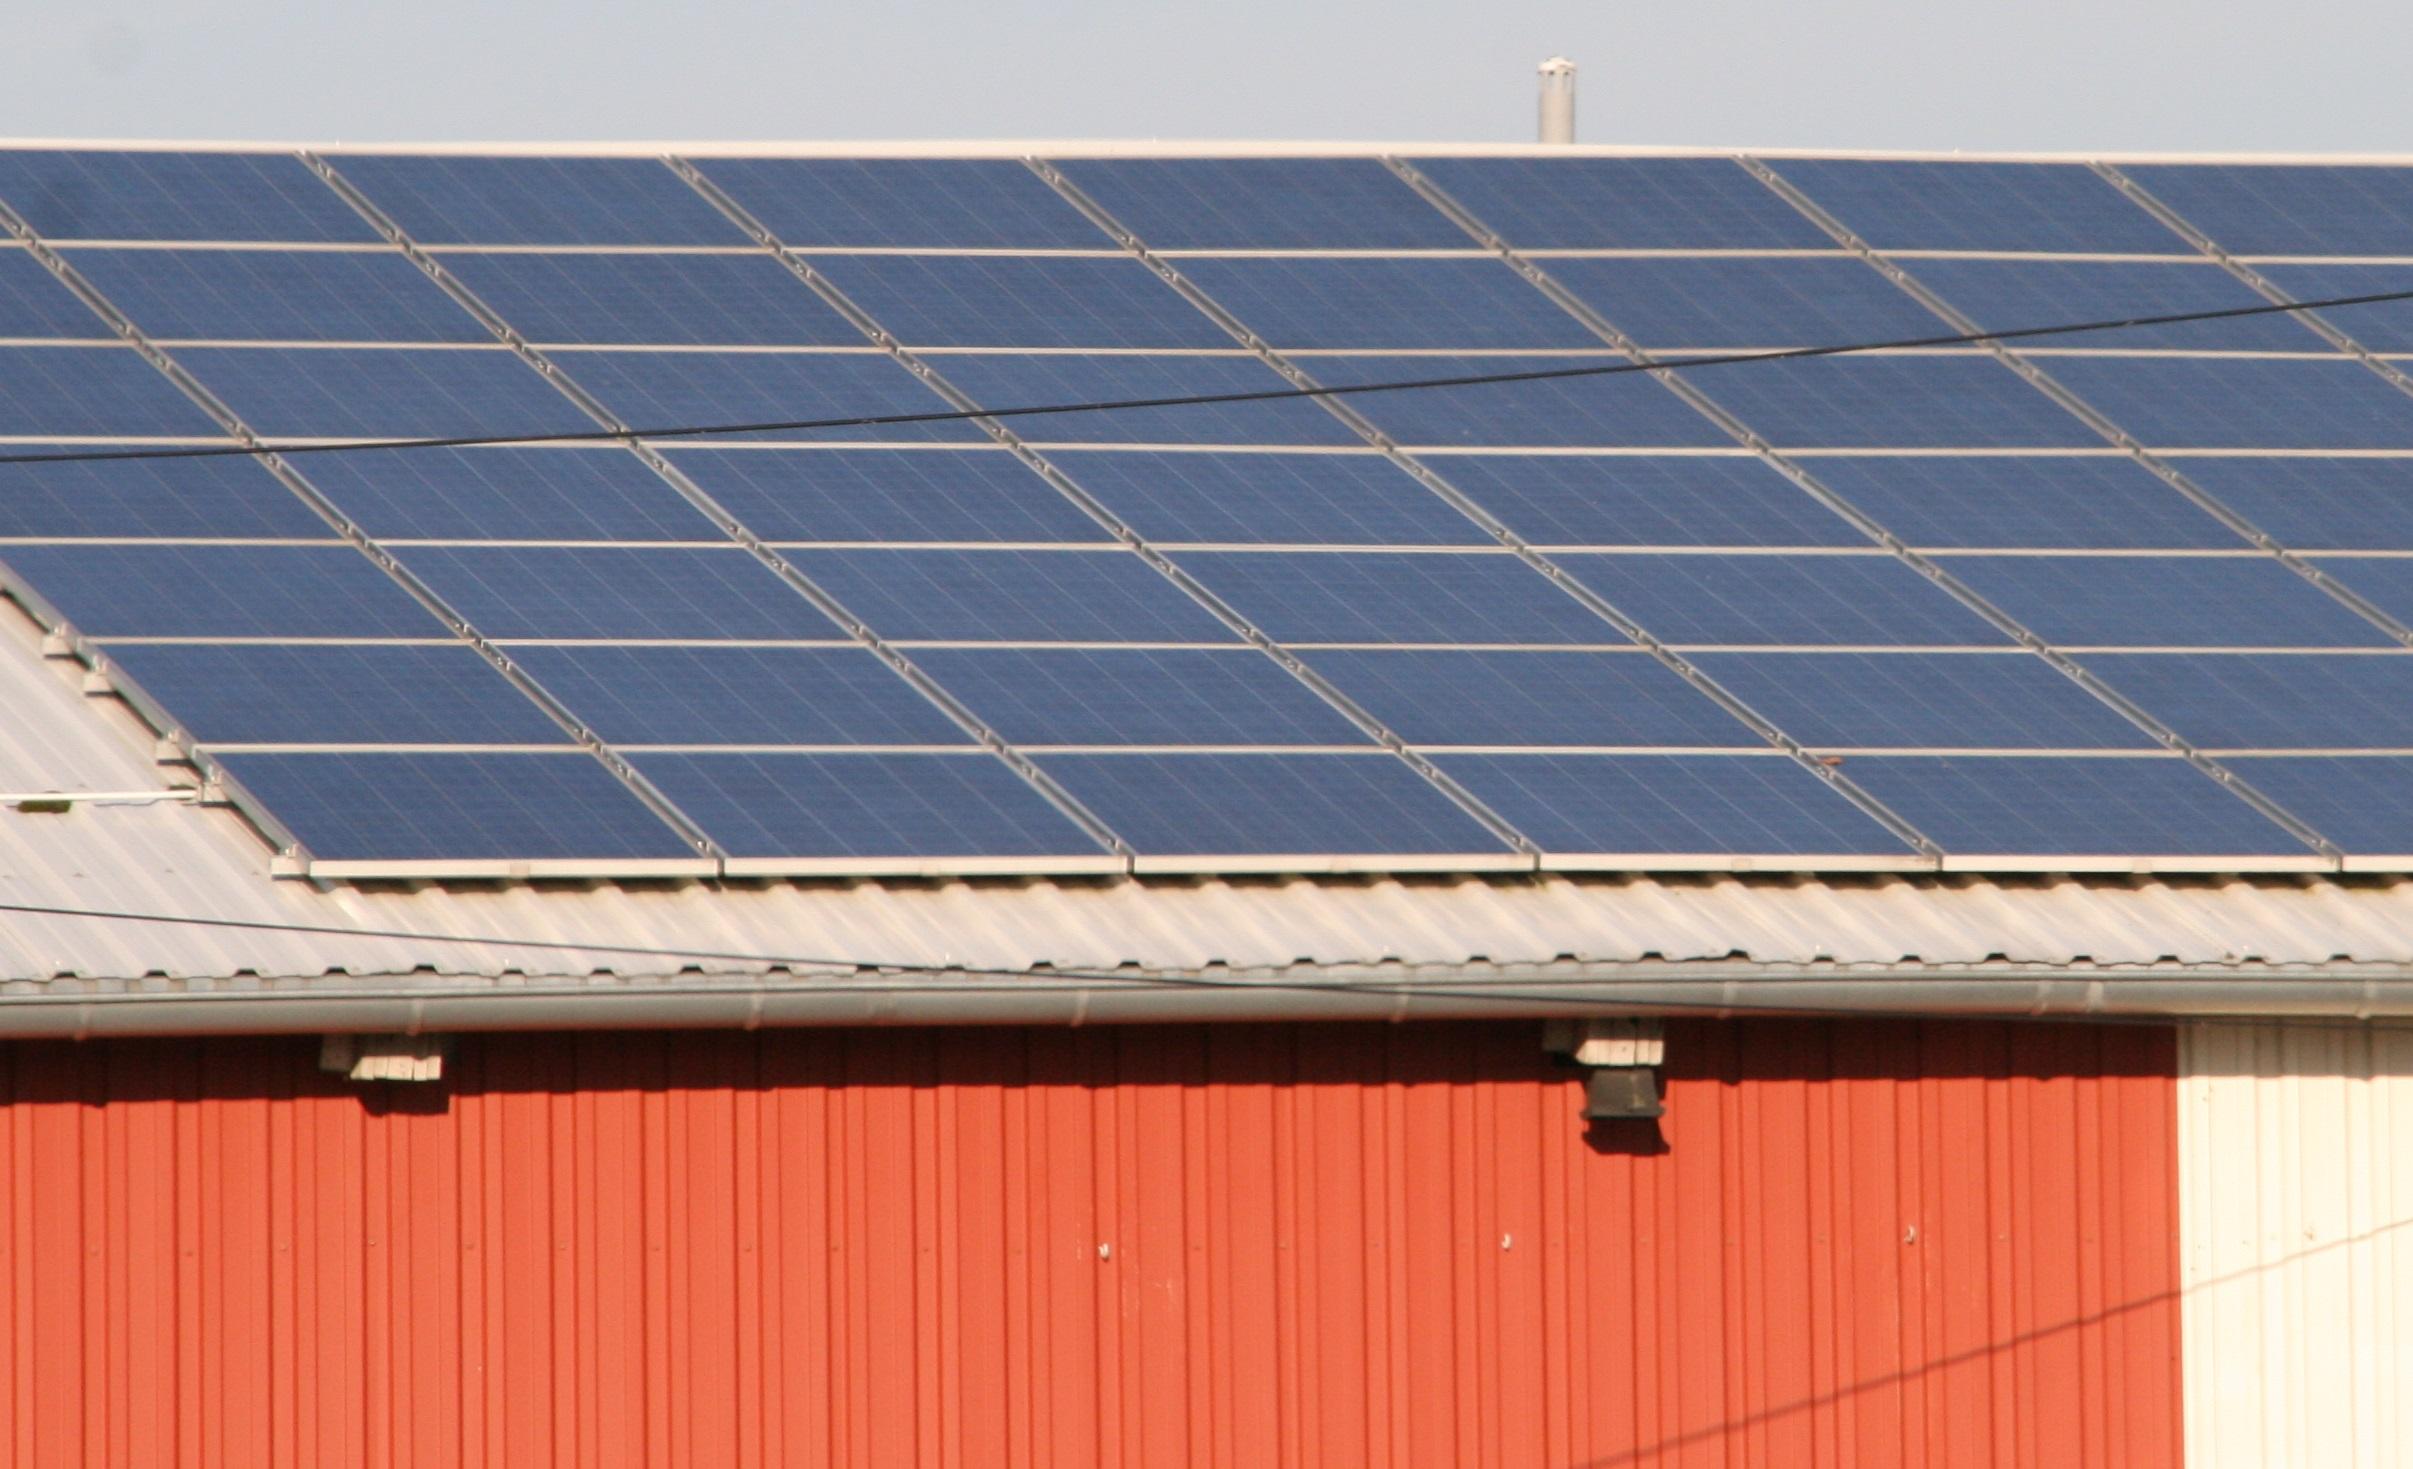 Tausendundein Solardach für Österreich